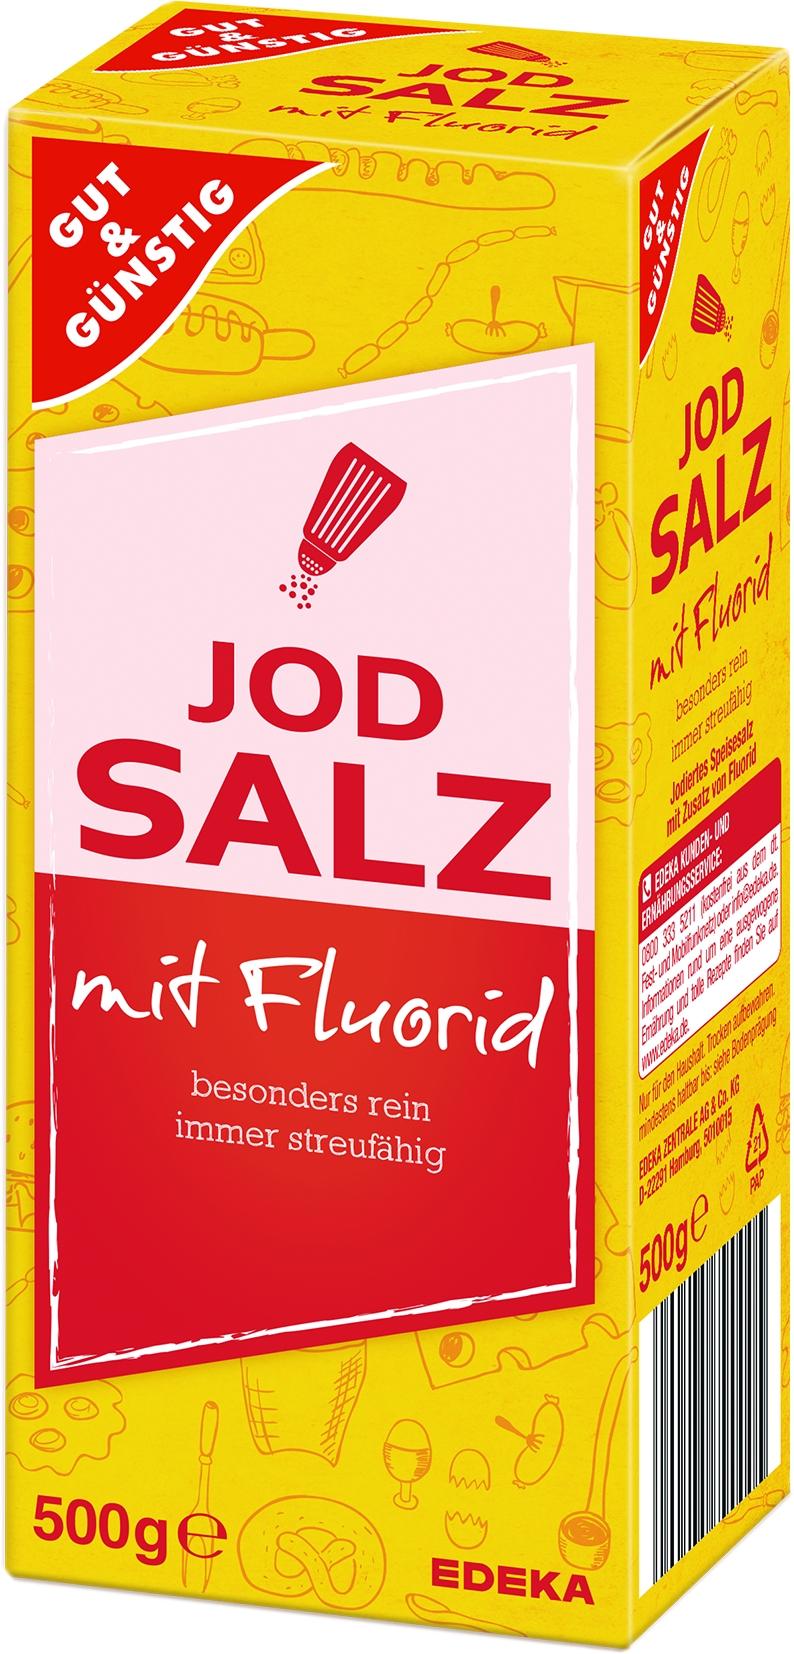 Jodsalz mit Flour